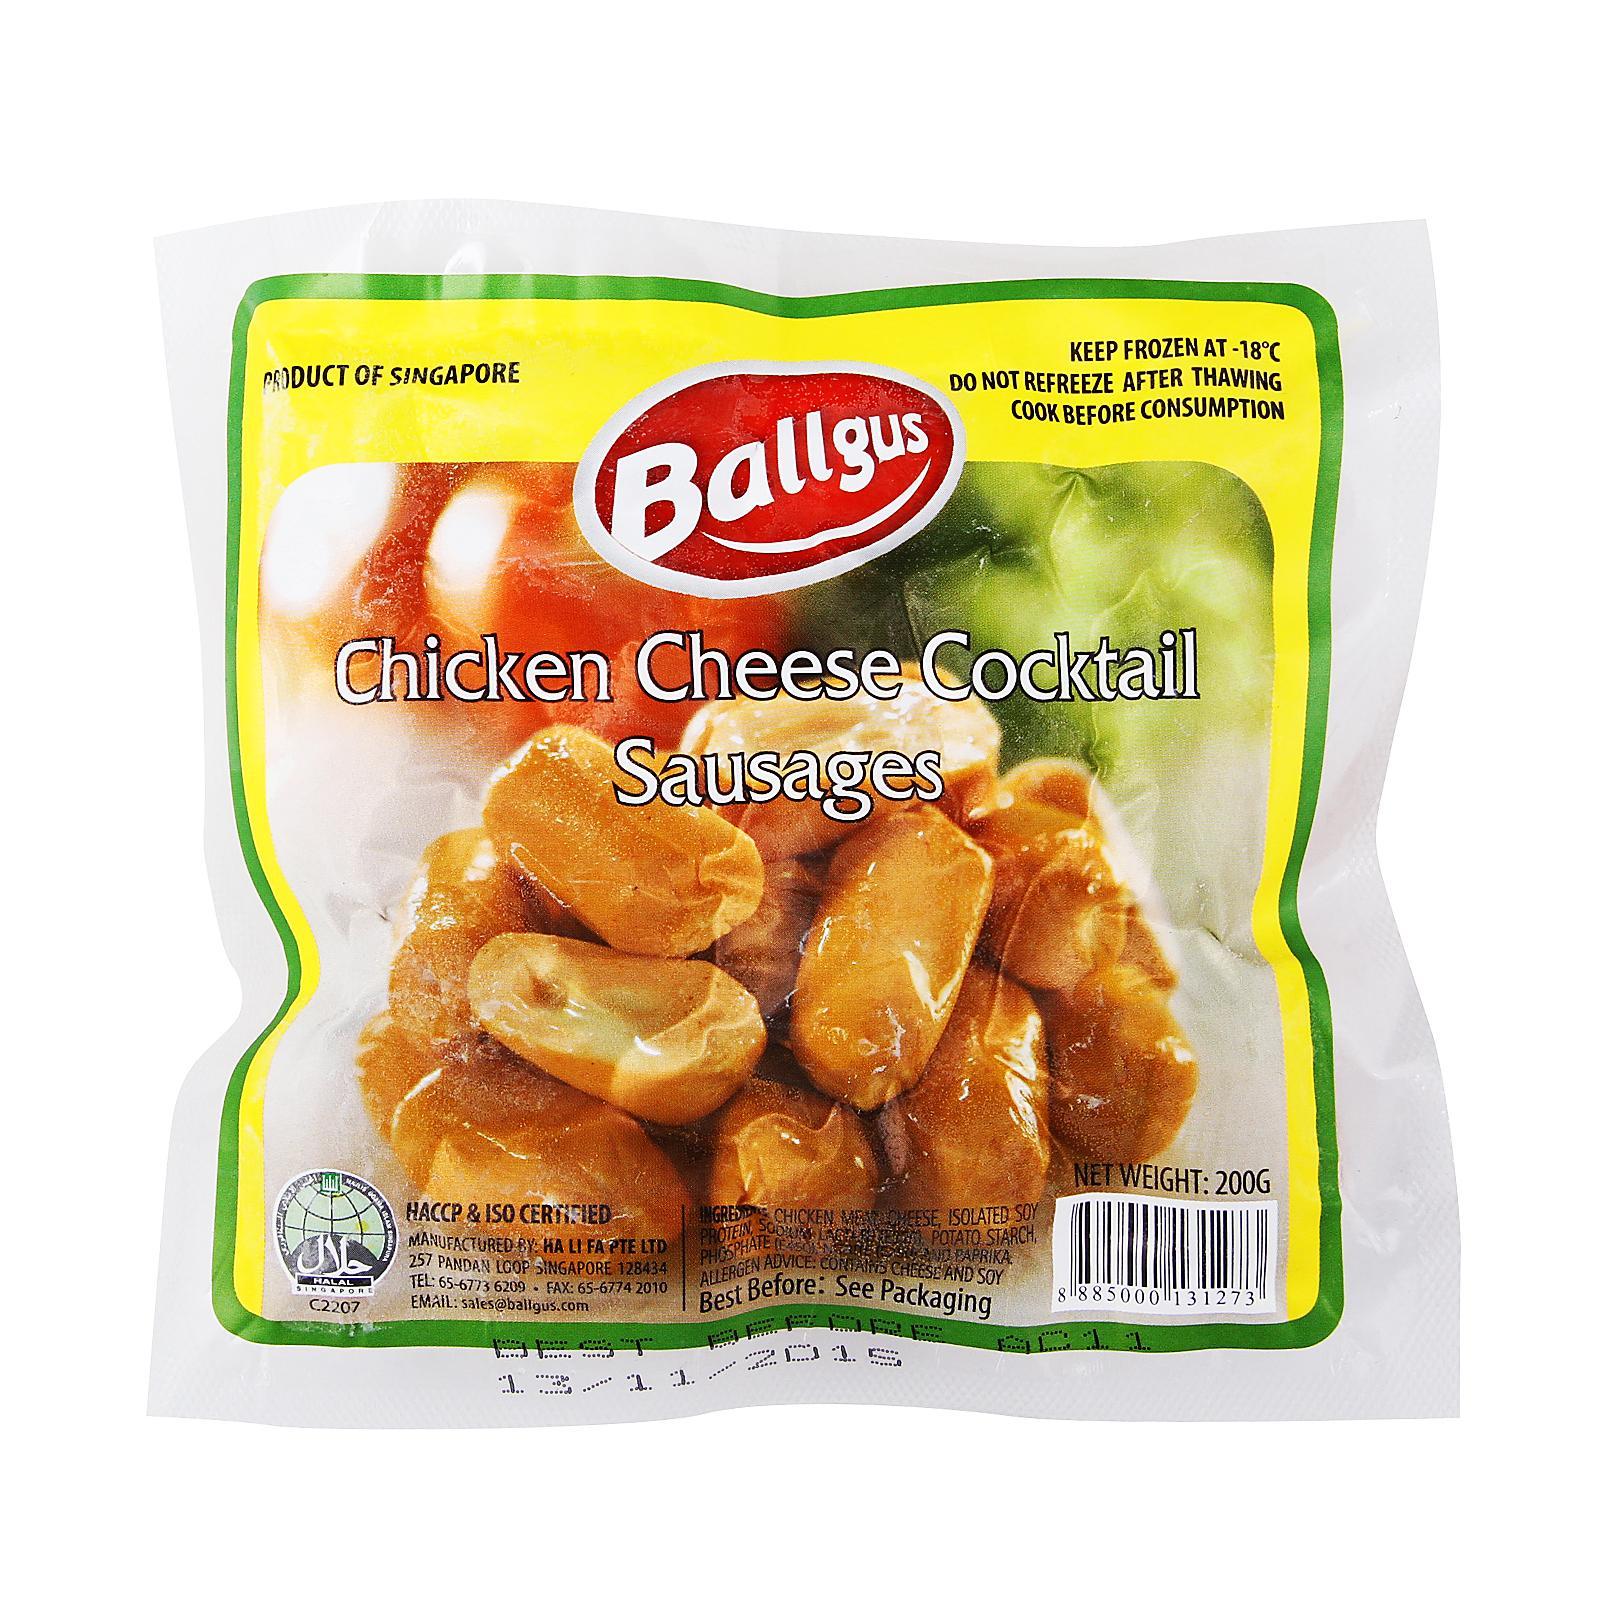 BALLGUS Chicken Cheese Cocktail Sausages 200g